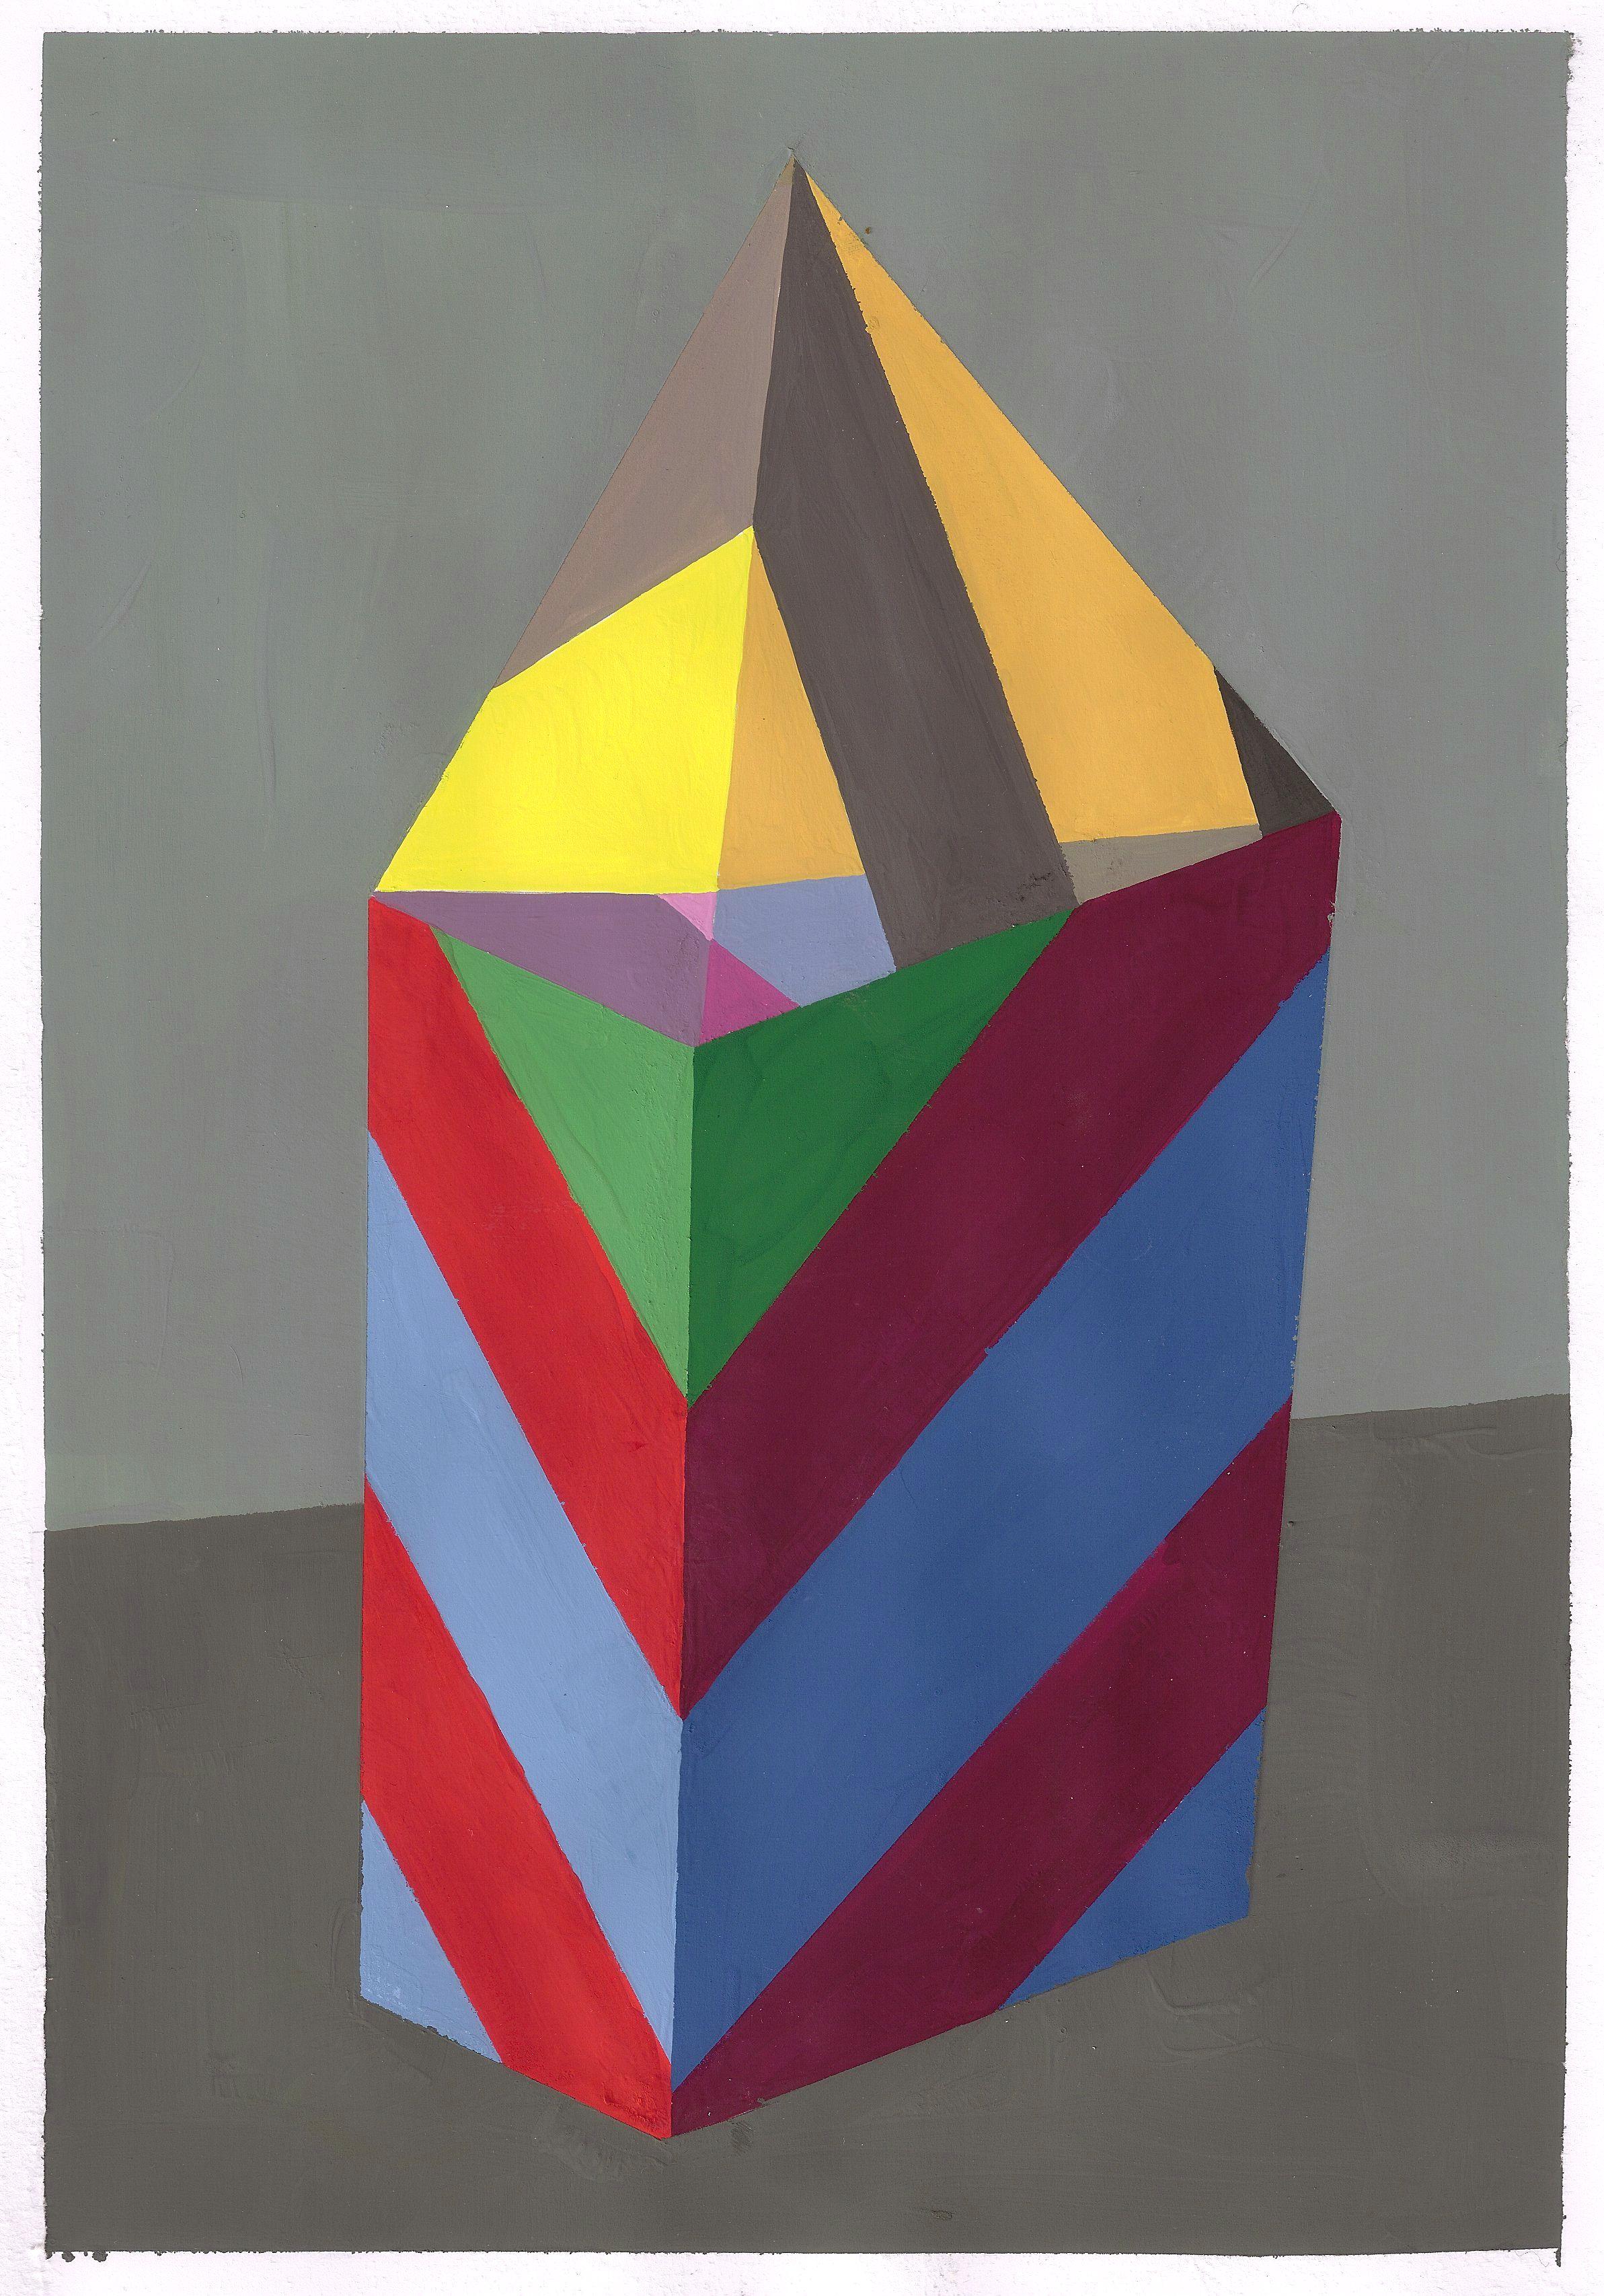 Senza titolo, tempera su carta, cm 29,7x21, 2011